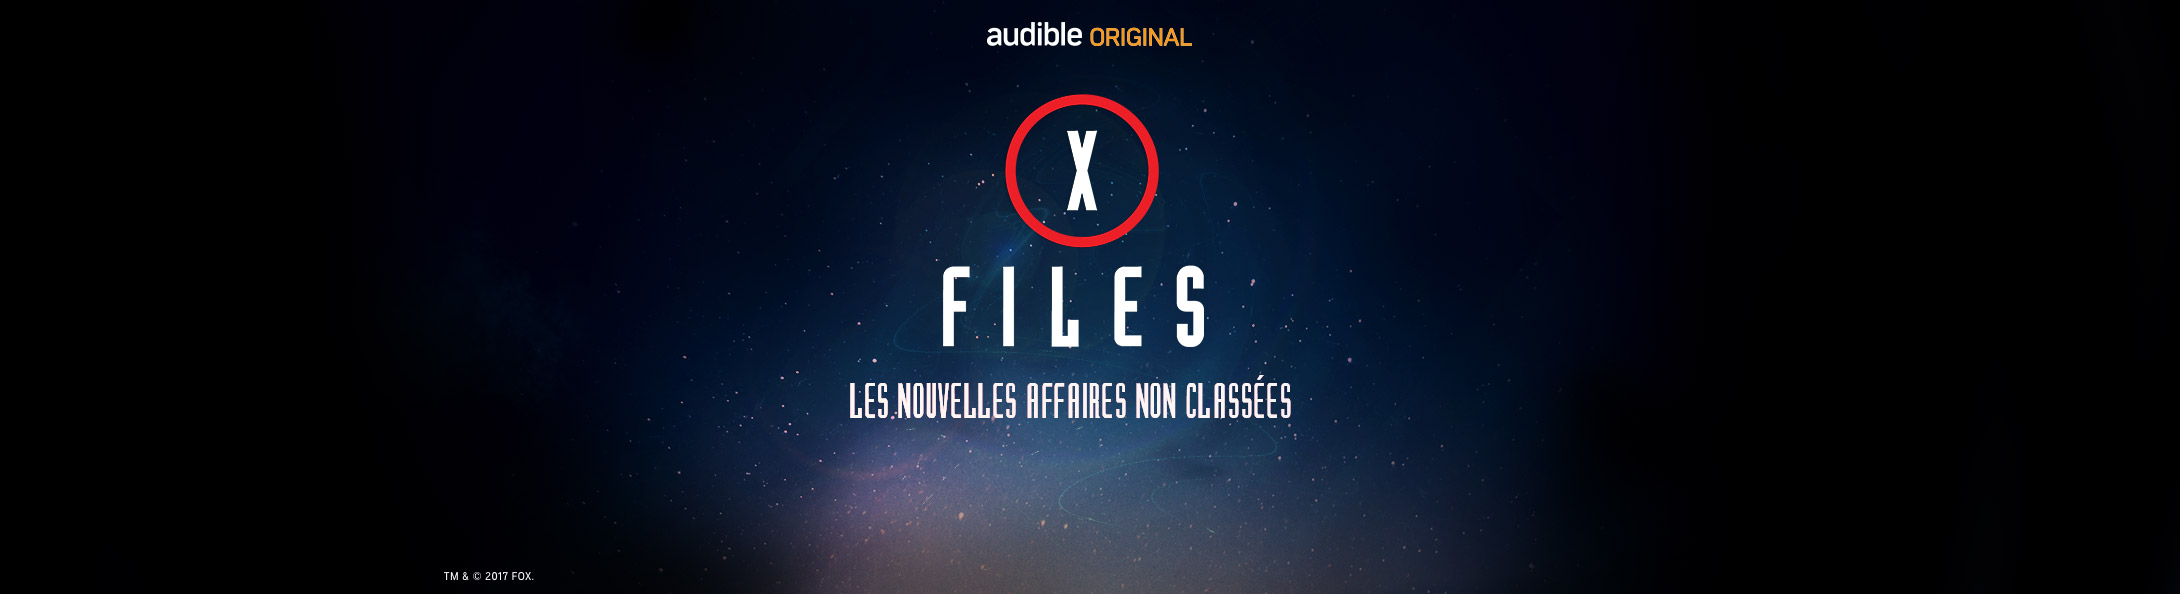 Découvrez X-Files les nouvelles affaires non classées avec Audible